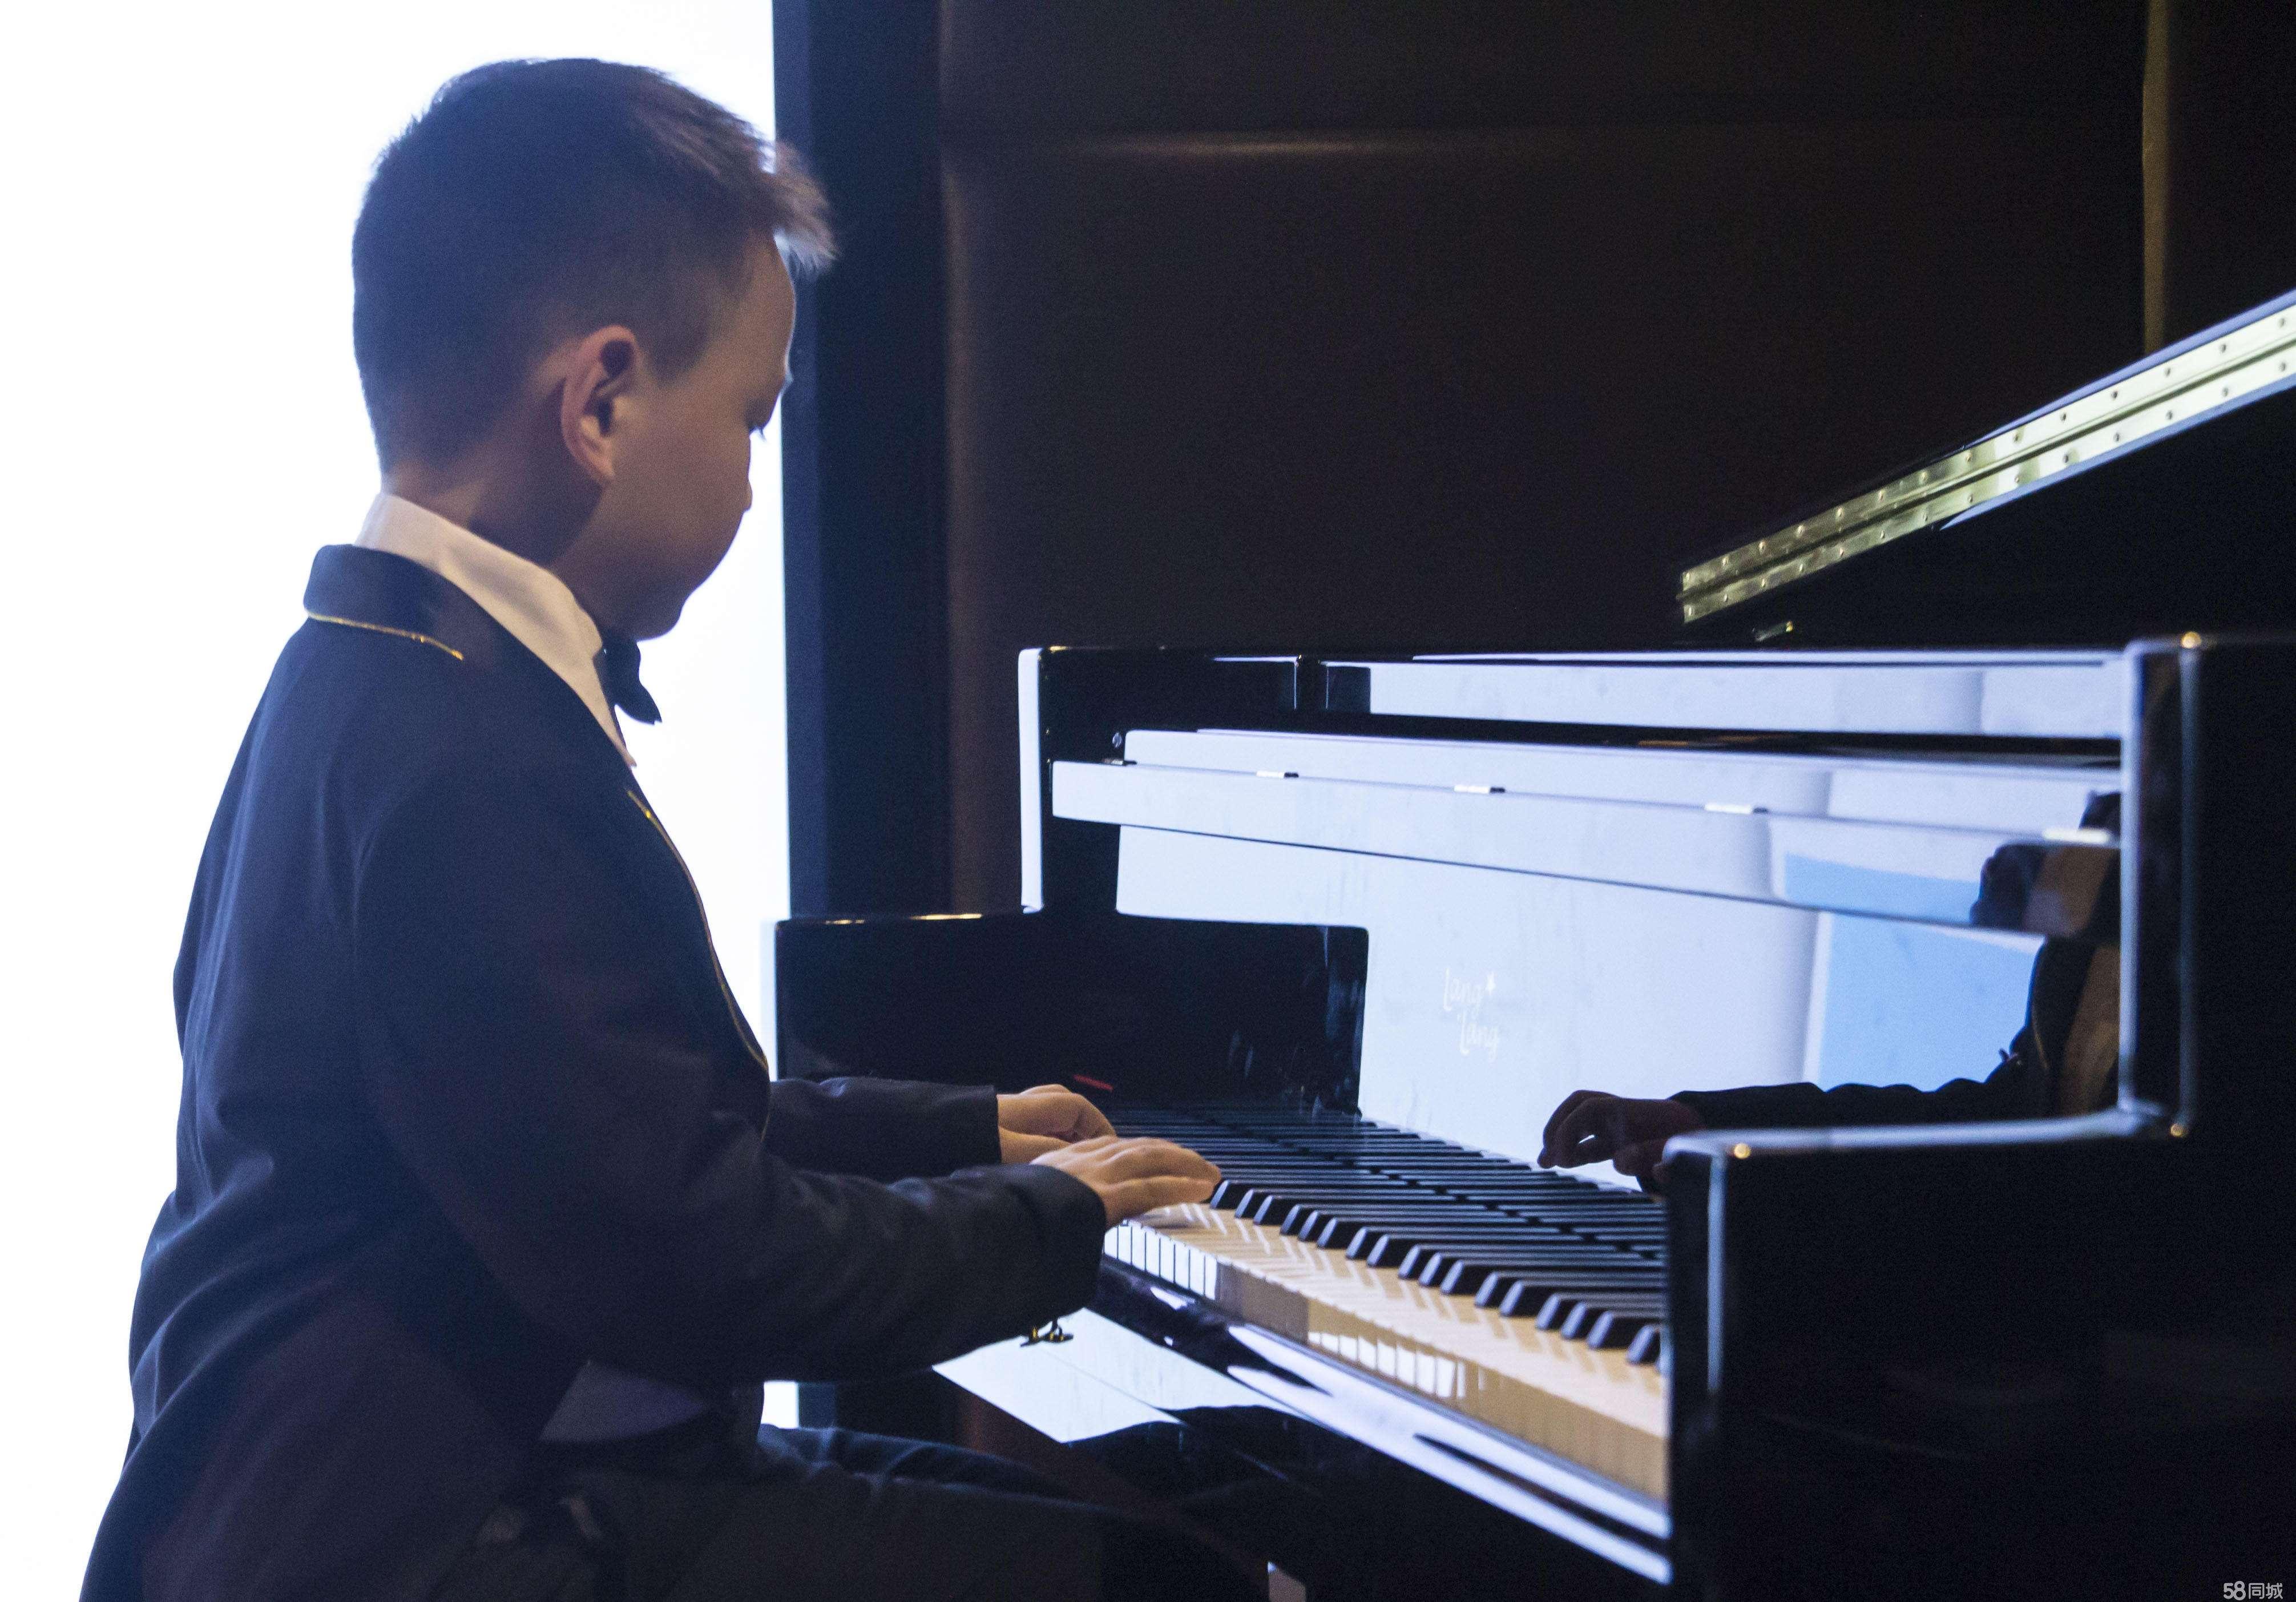 为什么要鼓励孩子多参加钢琴演出和比赛?